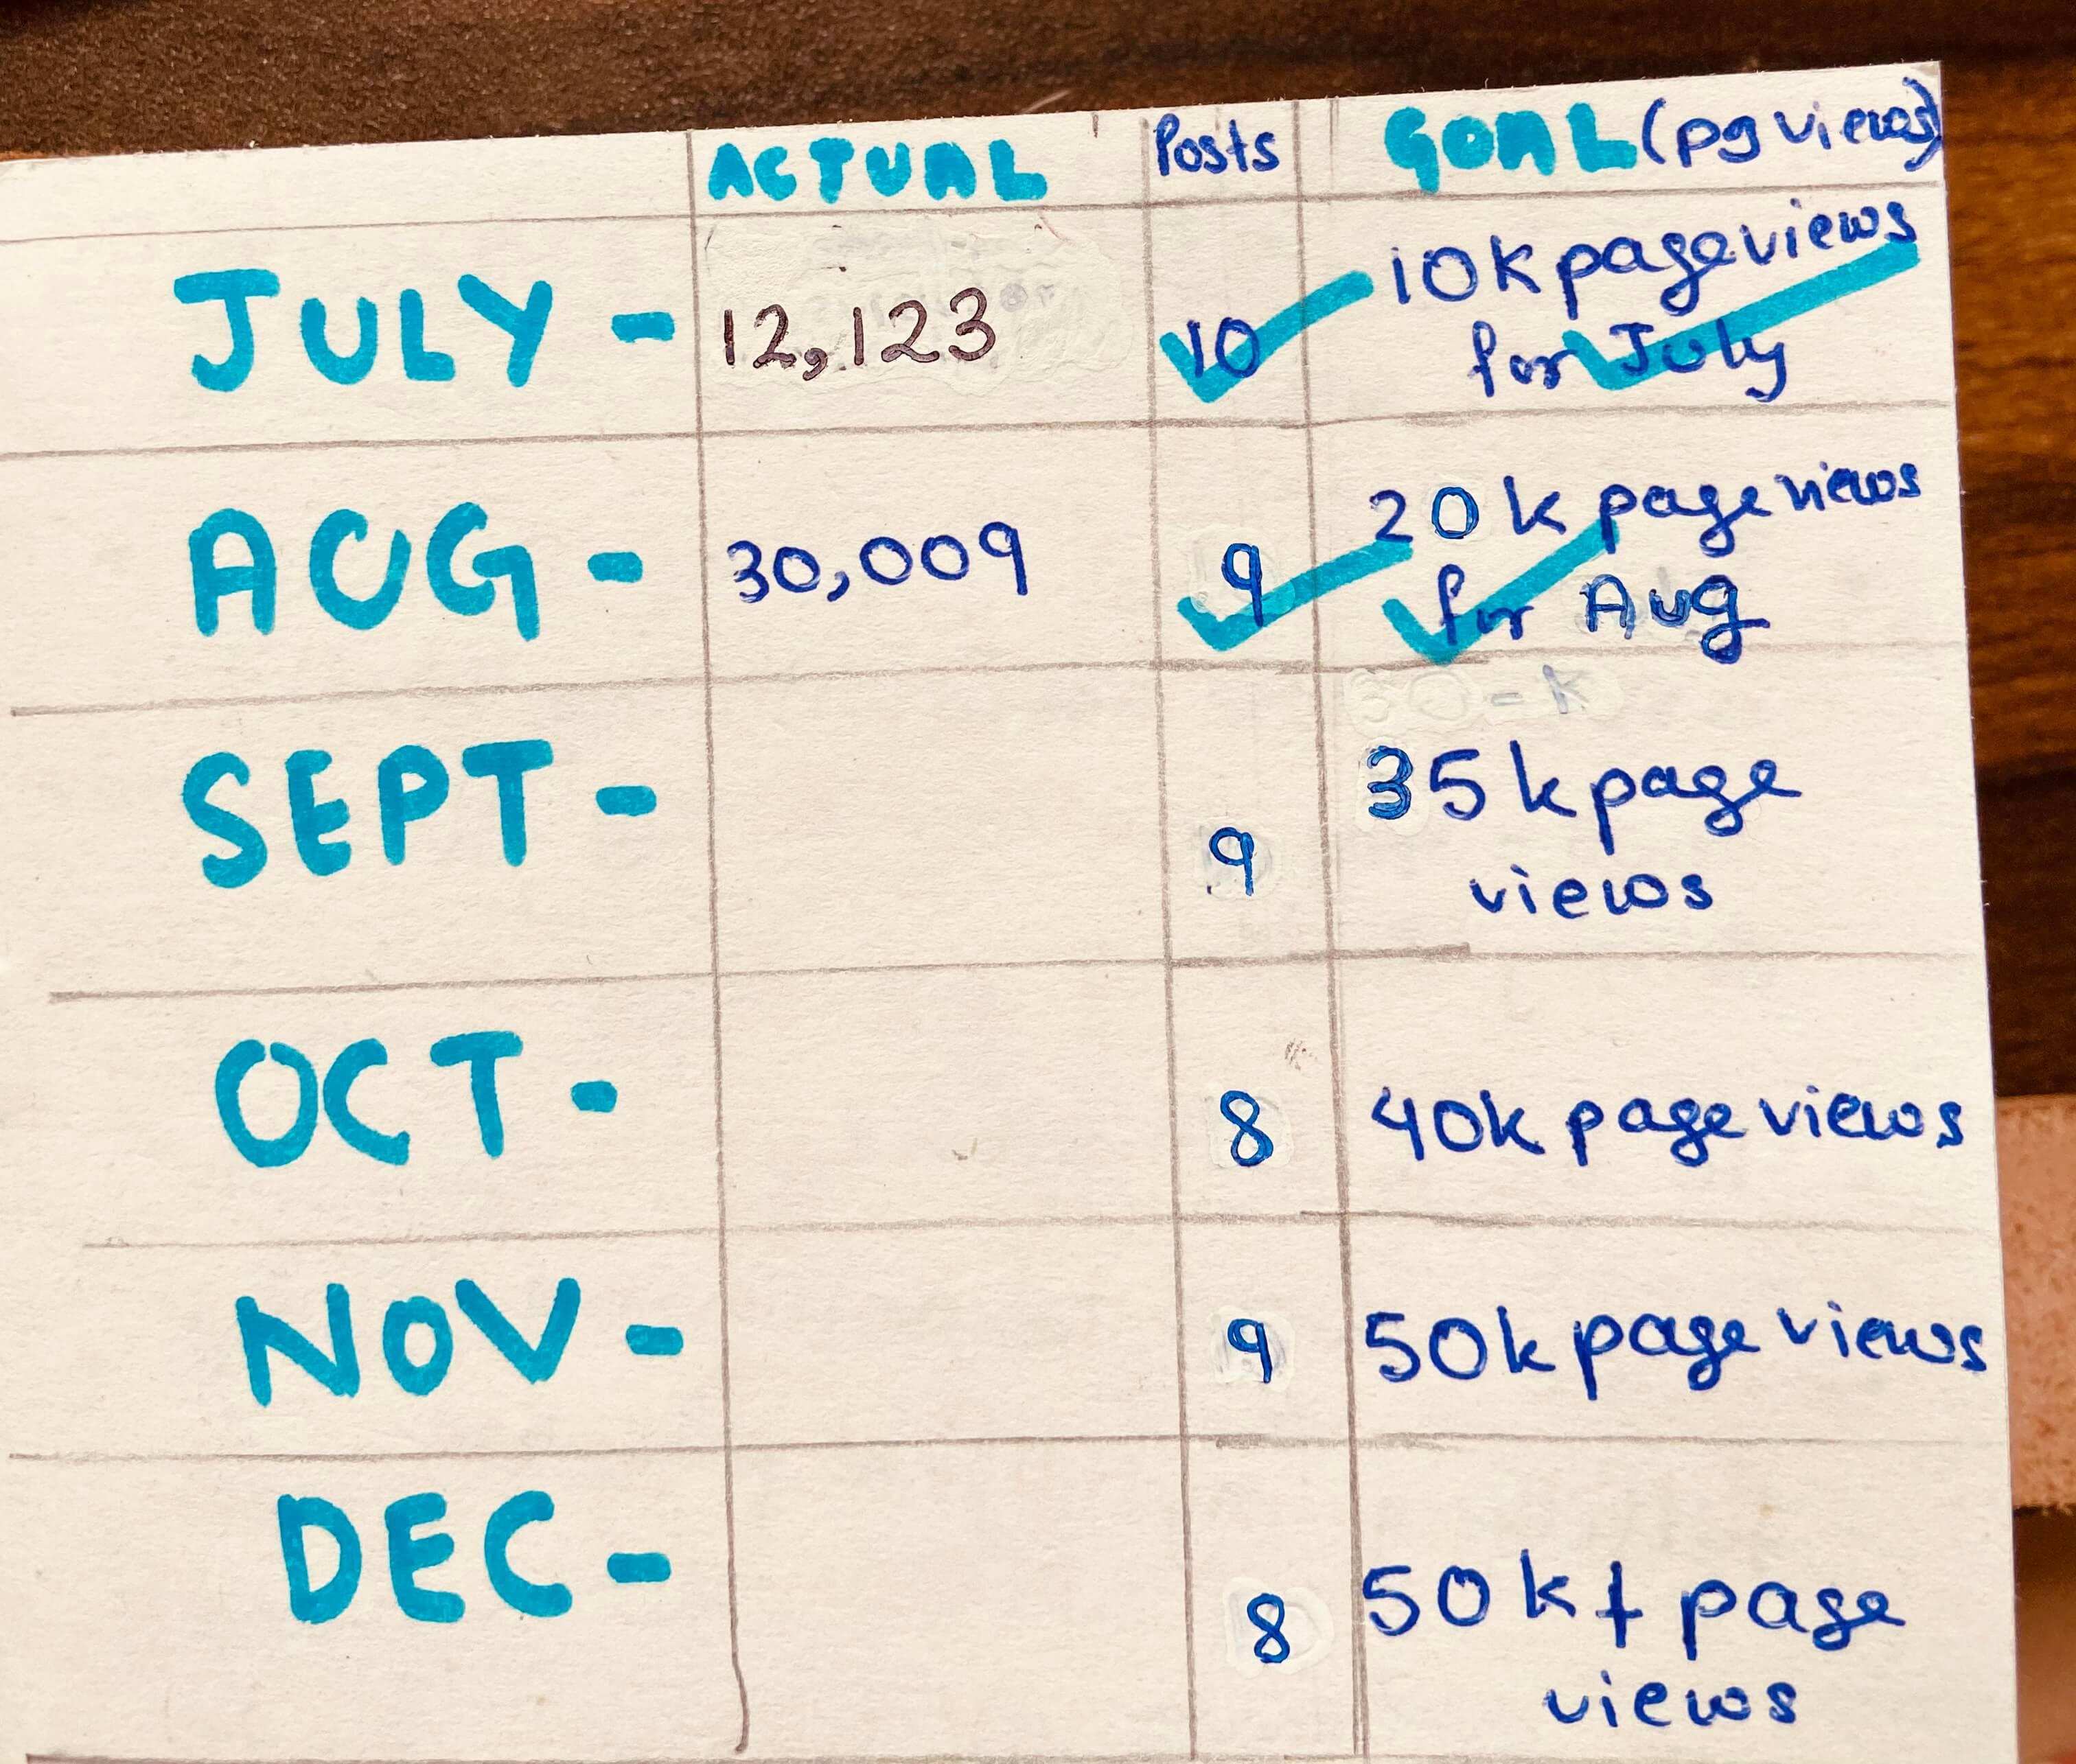 setting goals for blog traffic